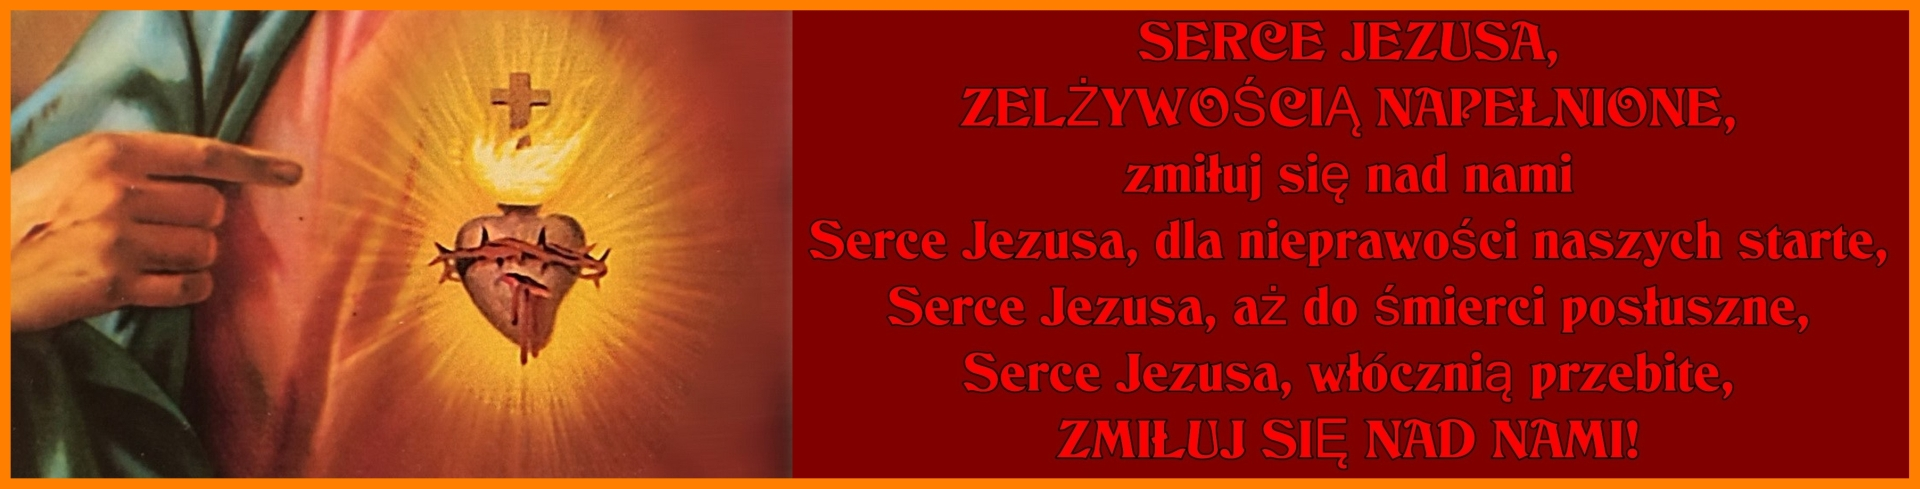 zelzywoscia_napelnione2.jpg